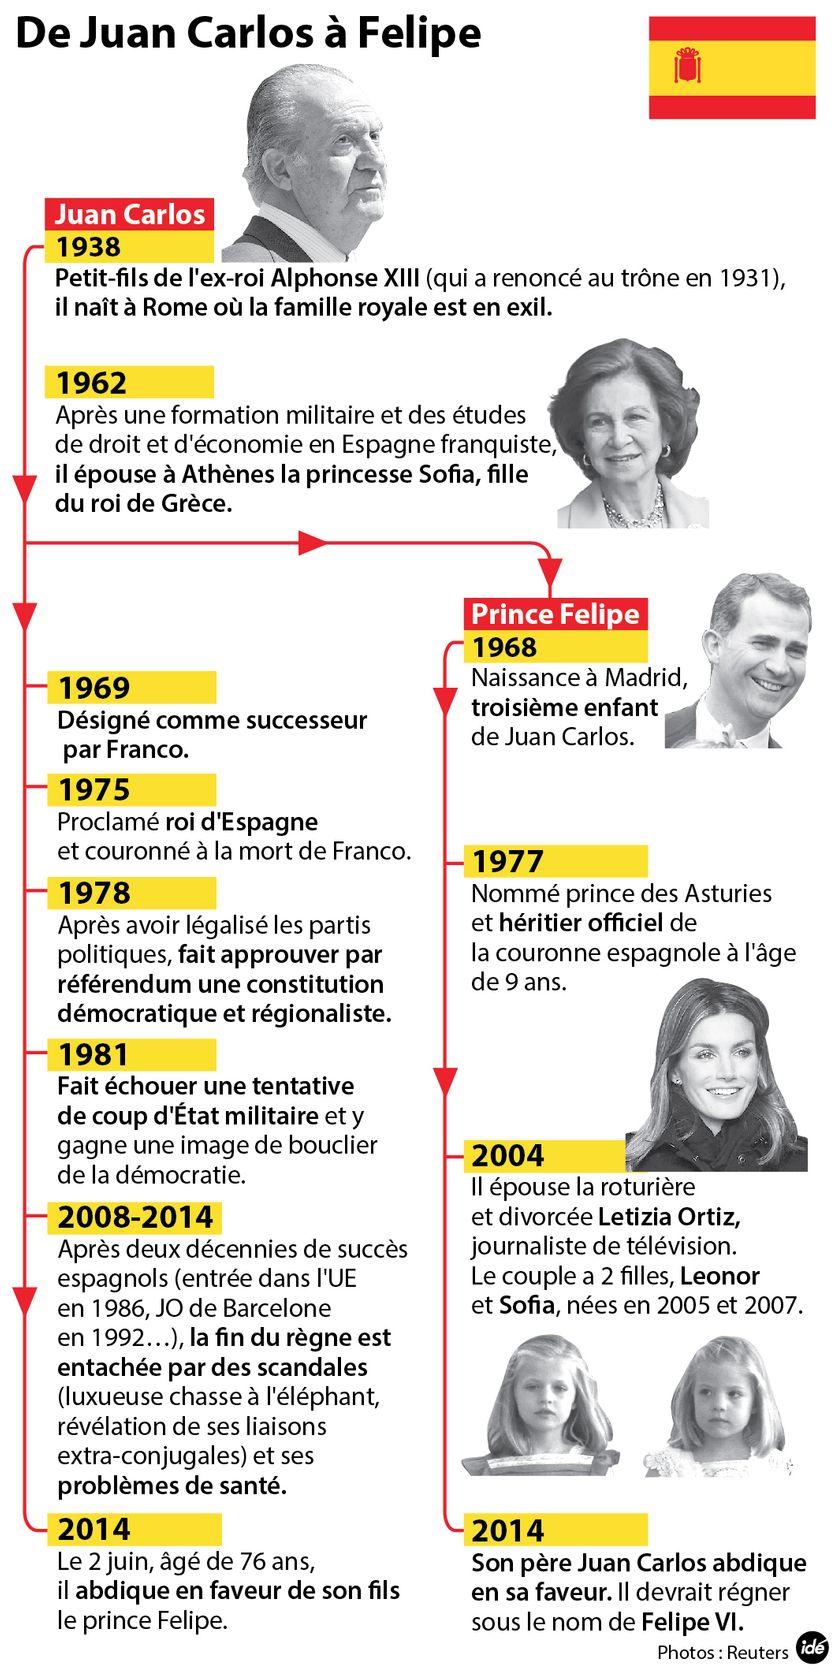 De Juan Carlos à Felipe